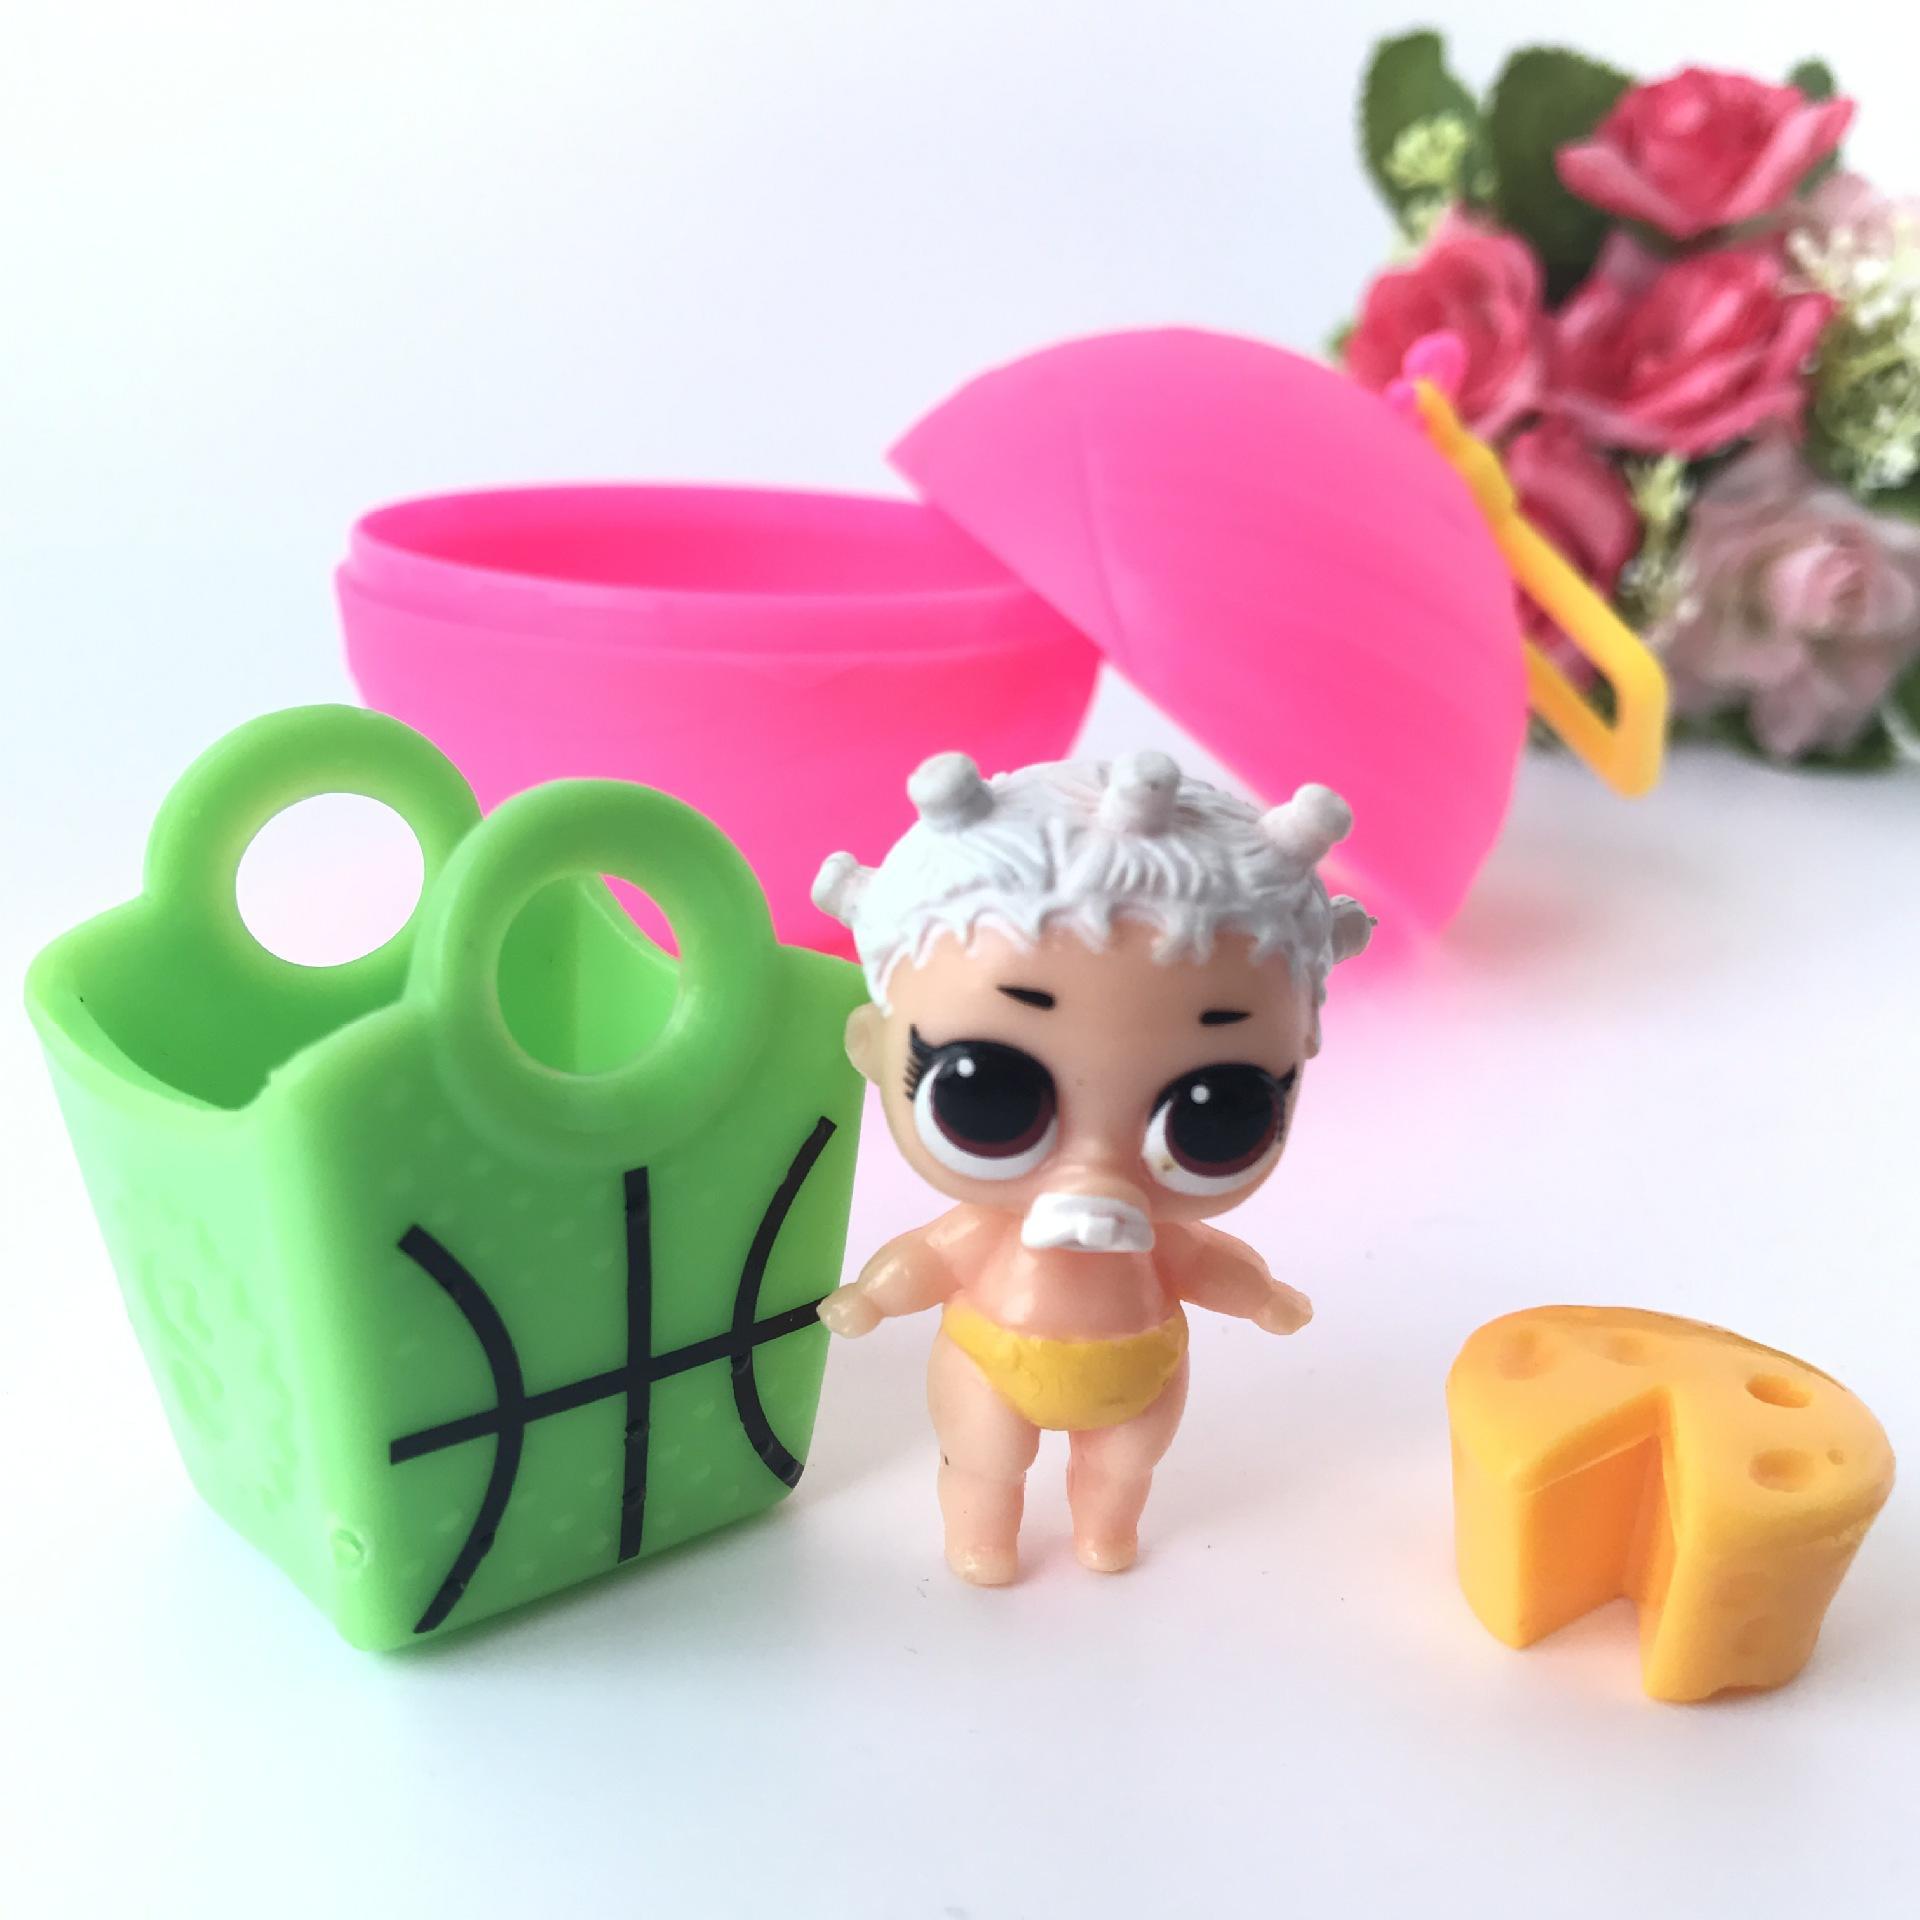 Мама, купи: ТОП-5 игрушек, от которых дети сходили с ума в 2017